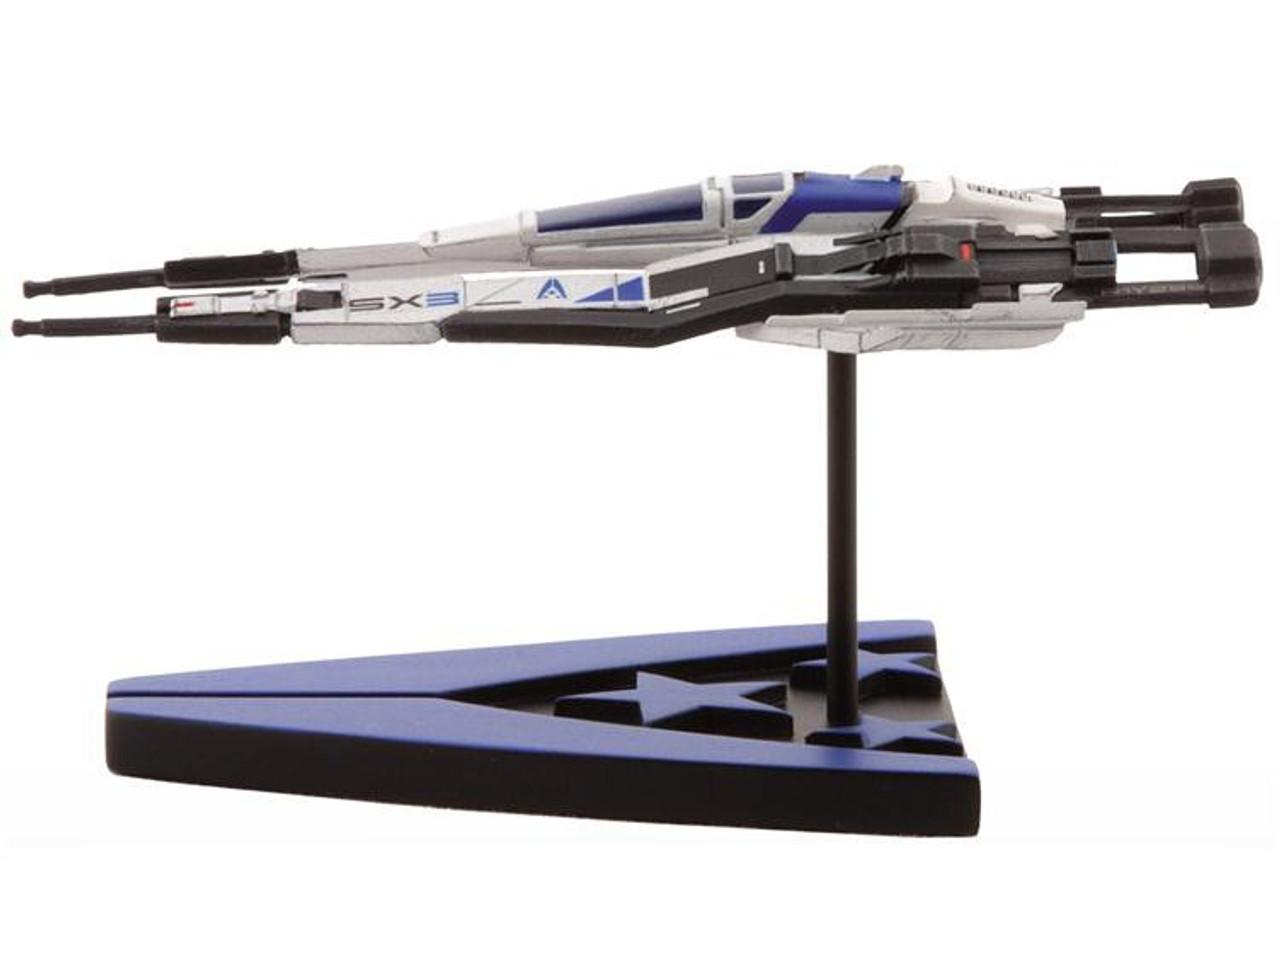 Mass Effect SX3 Alliance Fighter Replica